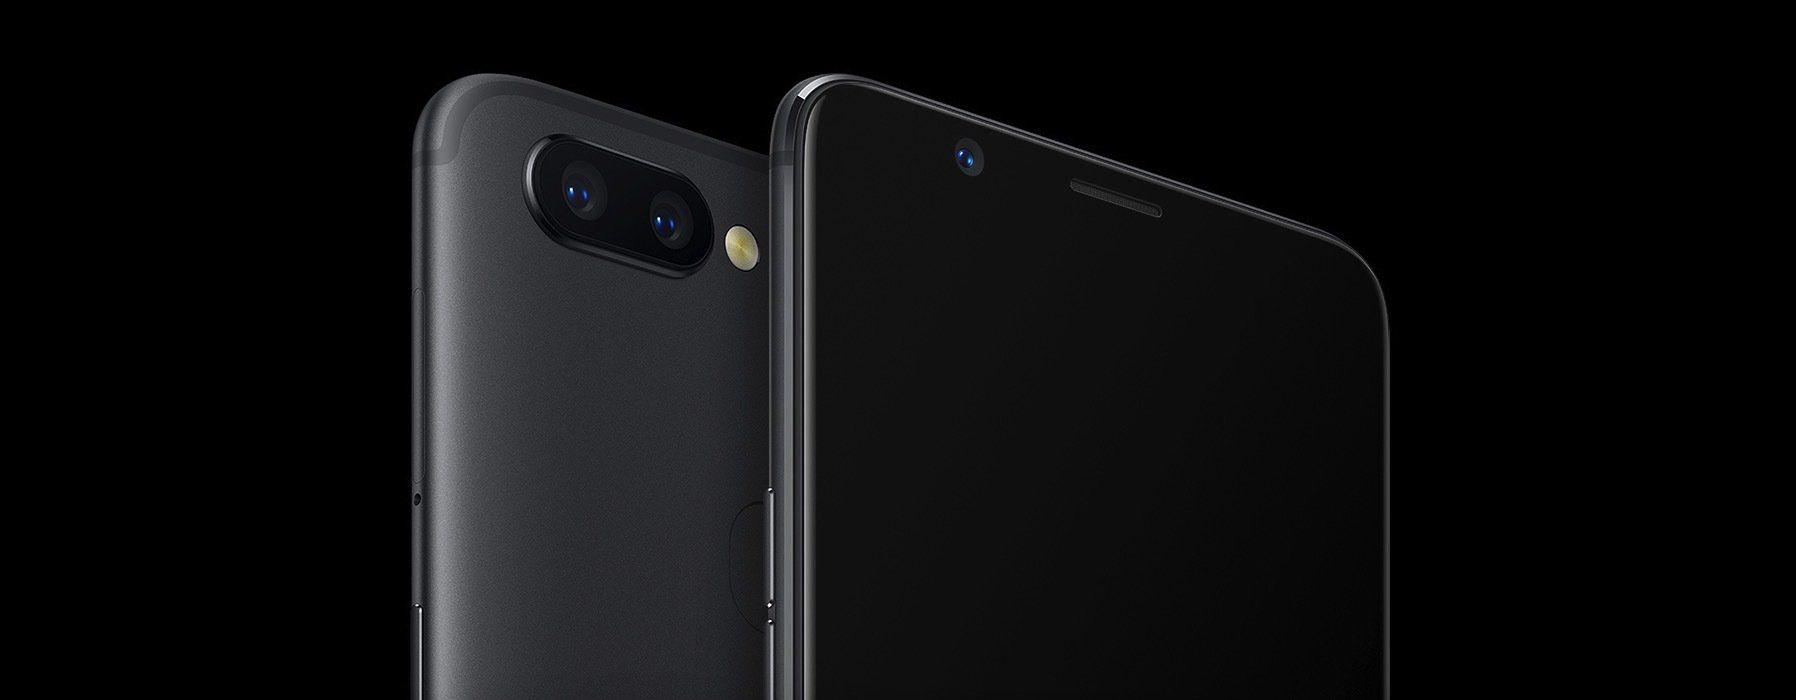 OPPO R11s - sztandarowy smartfon marki należącej do BBK